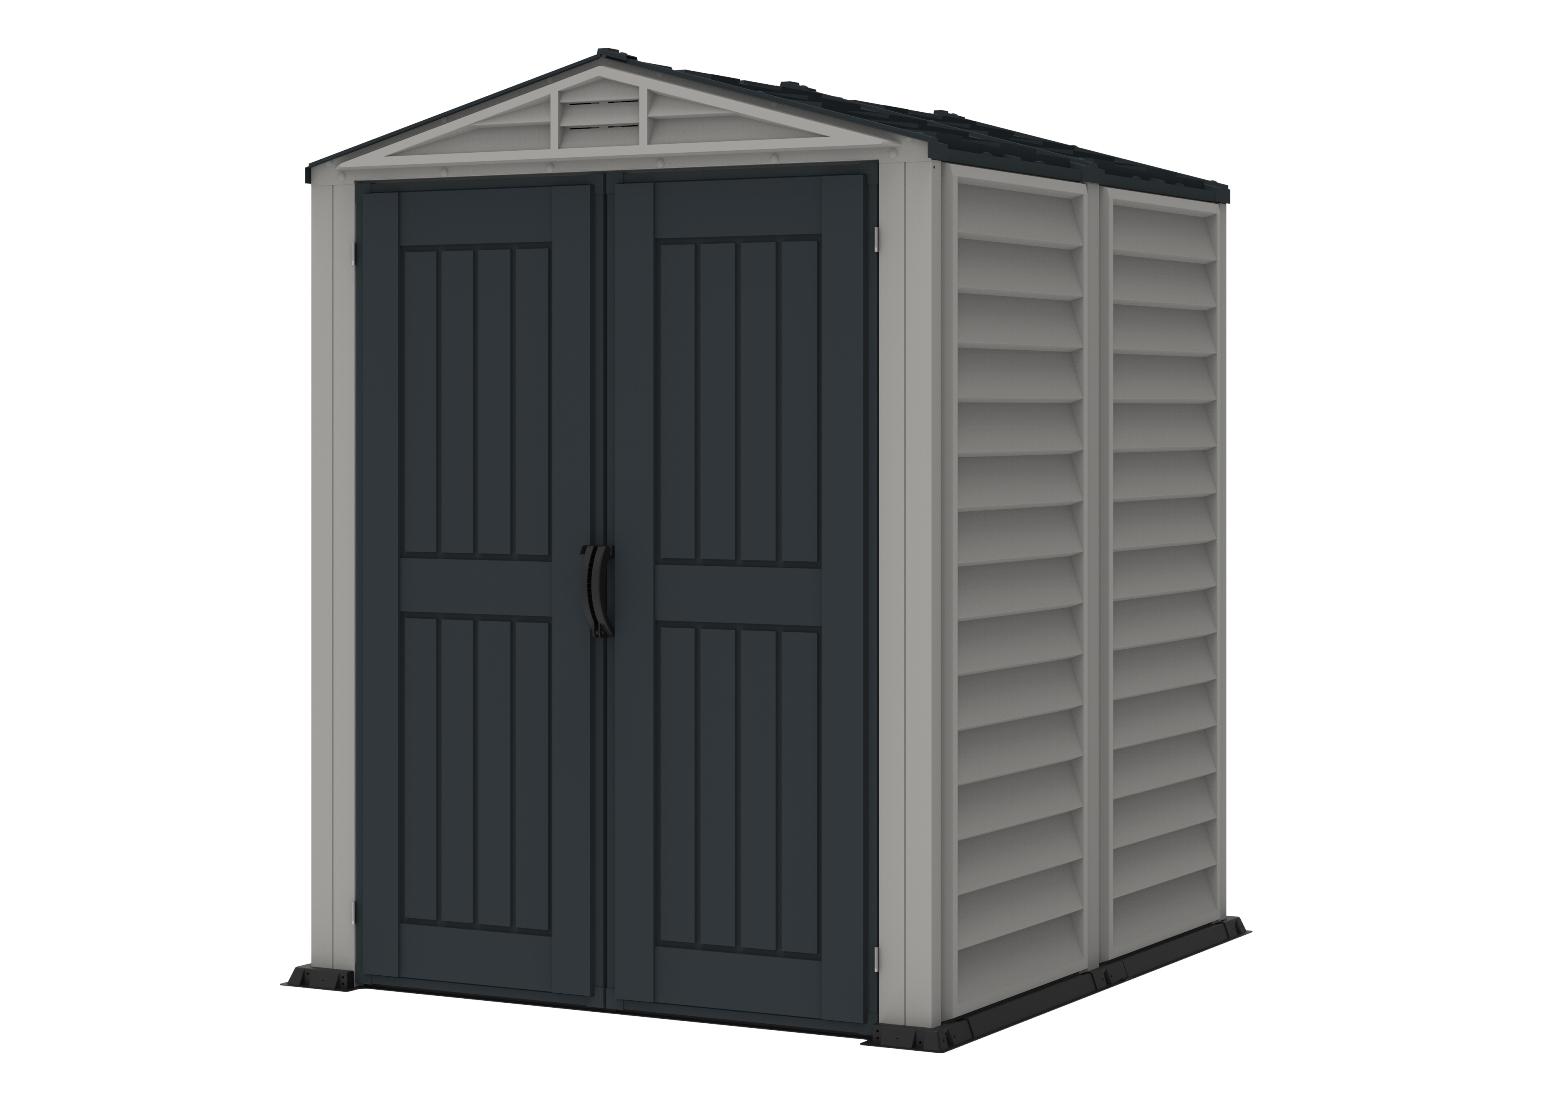 DURAMAX YardMate Plus 2,8 m² - šedý/antracit + podlahová konstrukce Zahradní plastový domek 5'x5' - DURAMAX 35525